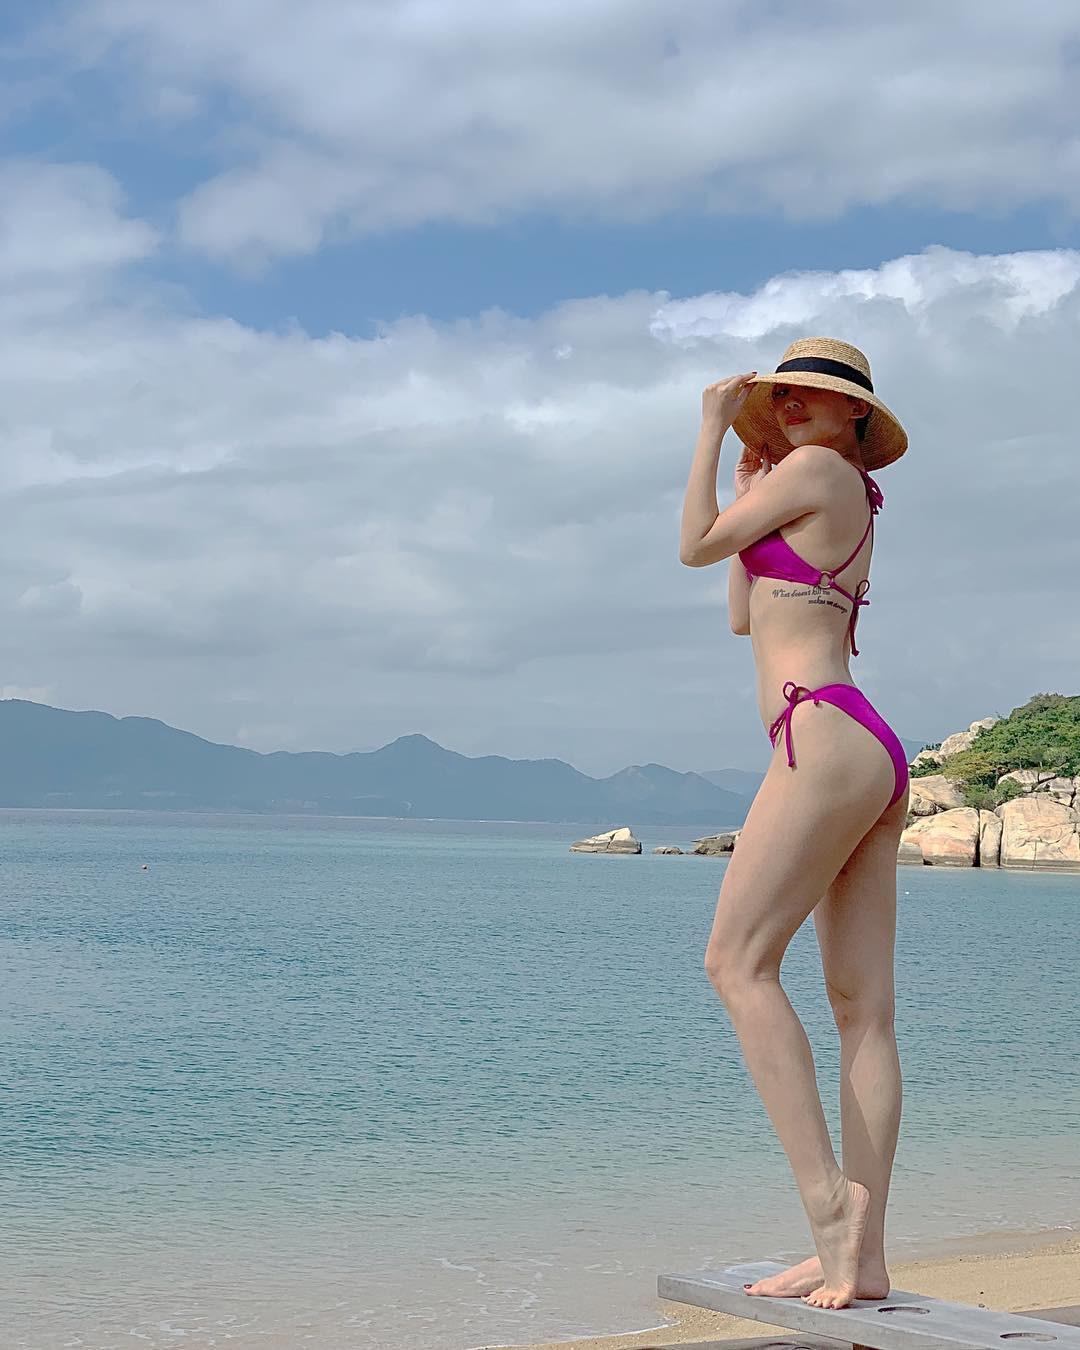 Sở hữu body đỉnh như Tóc Tiên thì ai cũng muốn đi biển 1 ngày, mặc đủ loại bikini chụp hình đăng cả tháng - Ảnh 6.